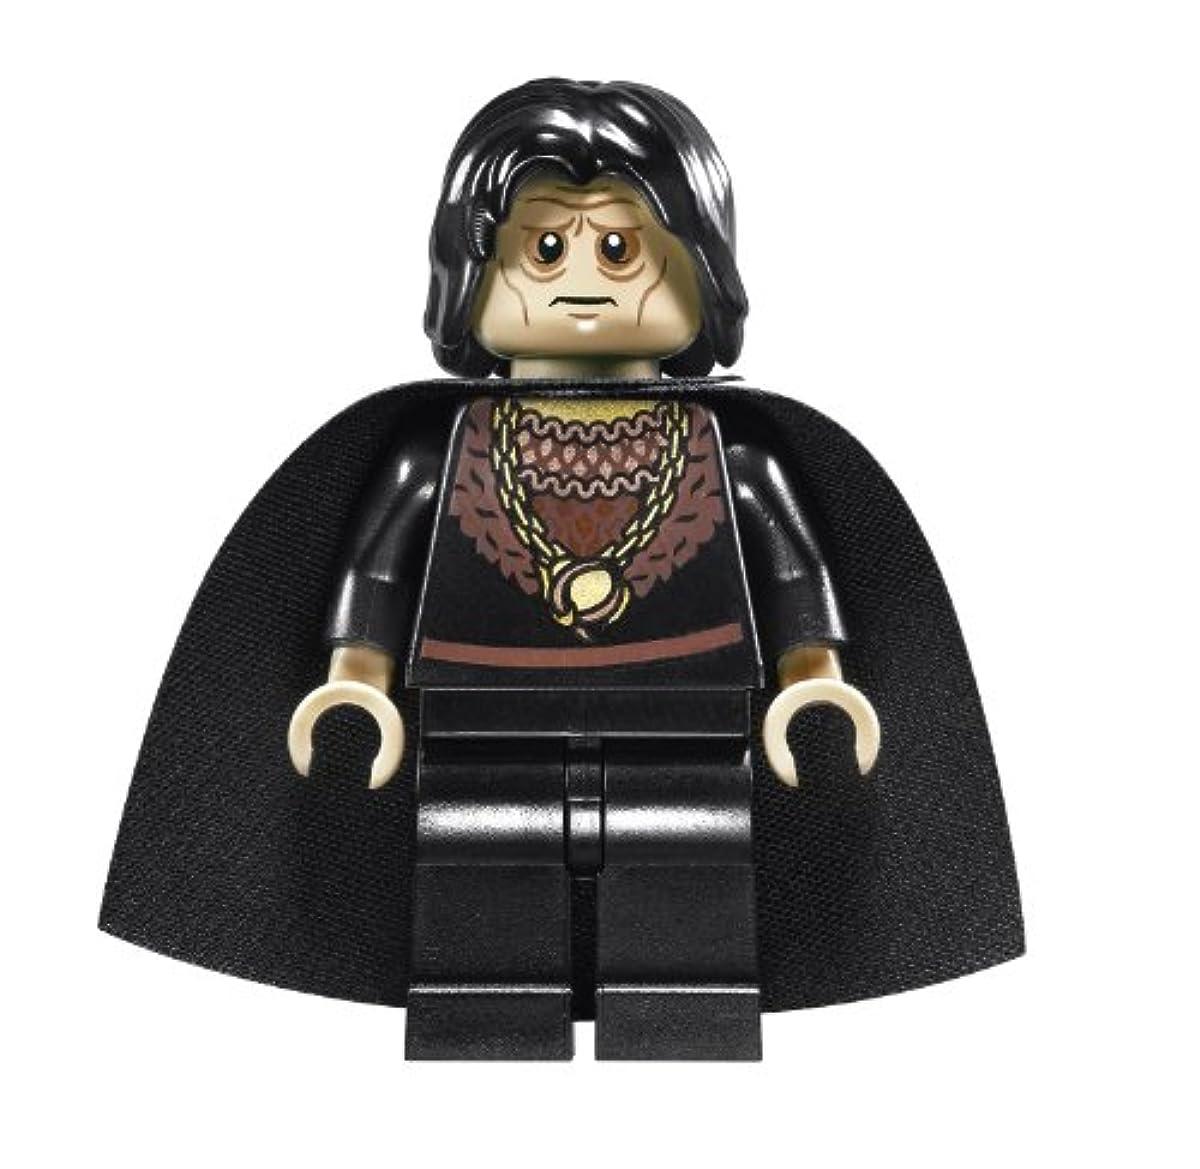 [해외] LEGO LORD OF THE RINGS GRIMA WORMTONGUE (10237)